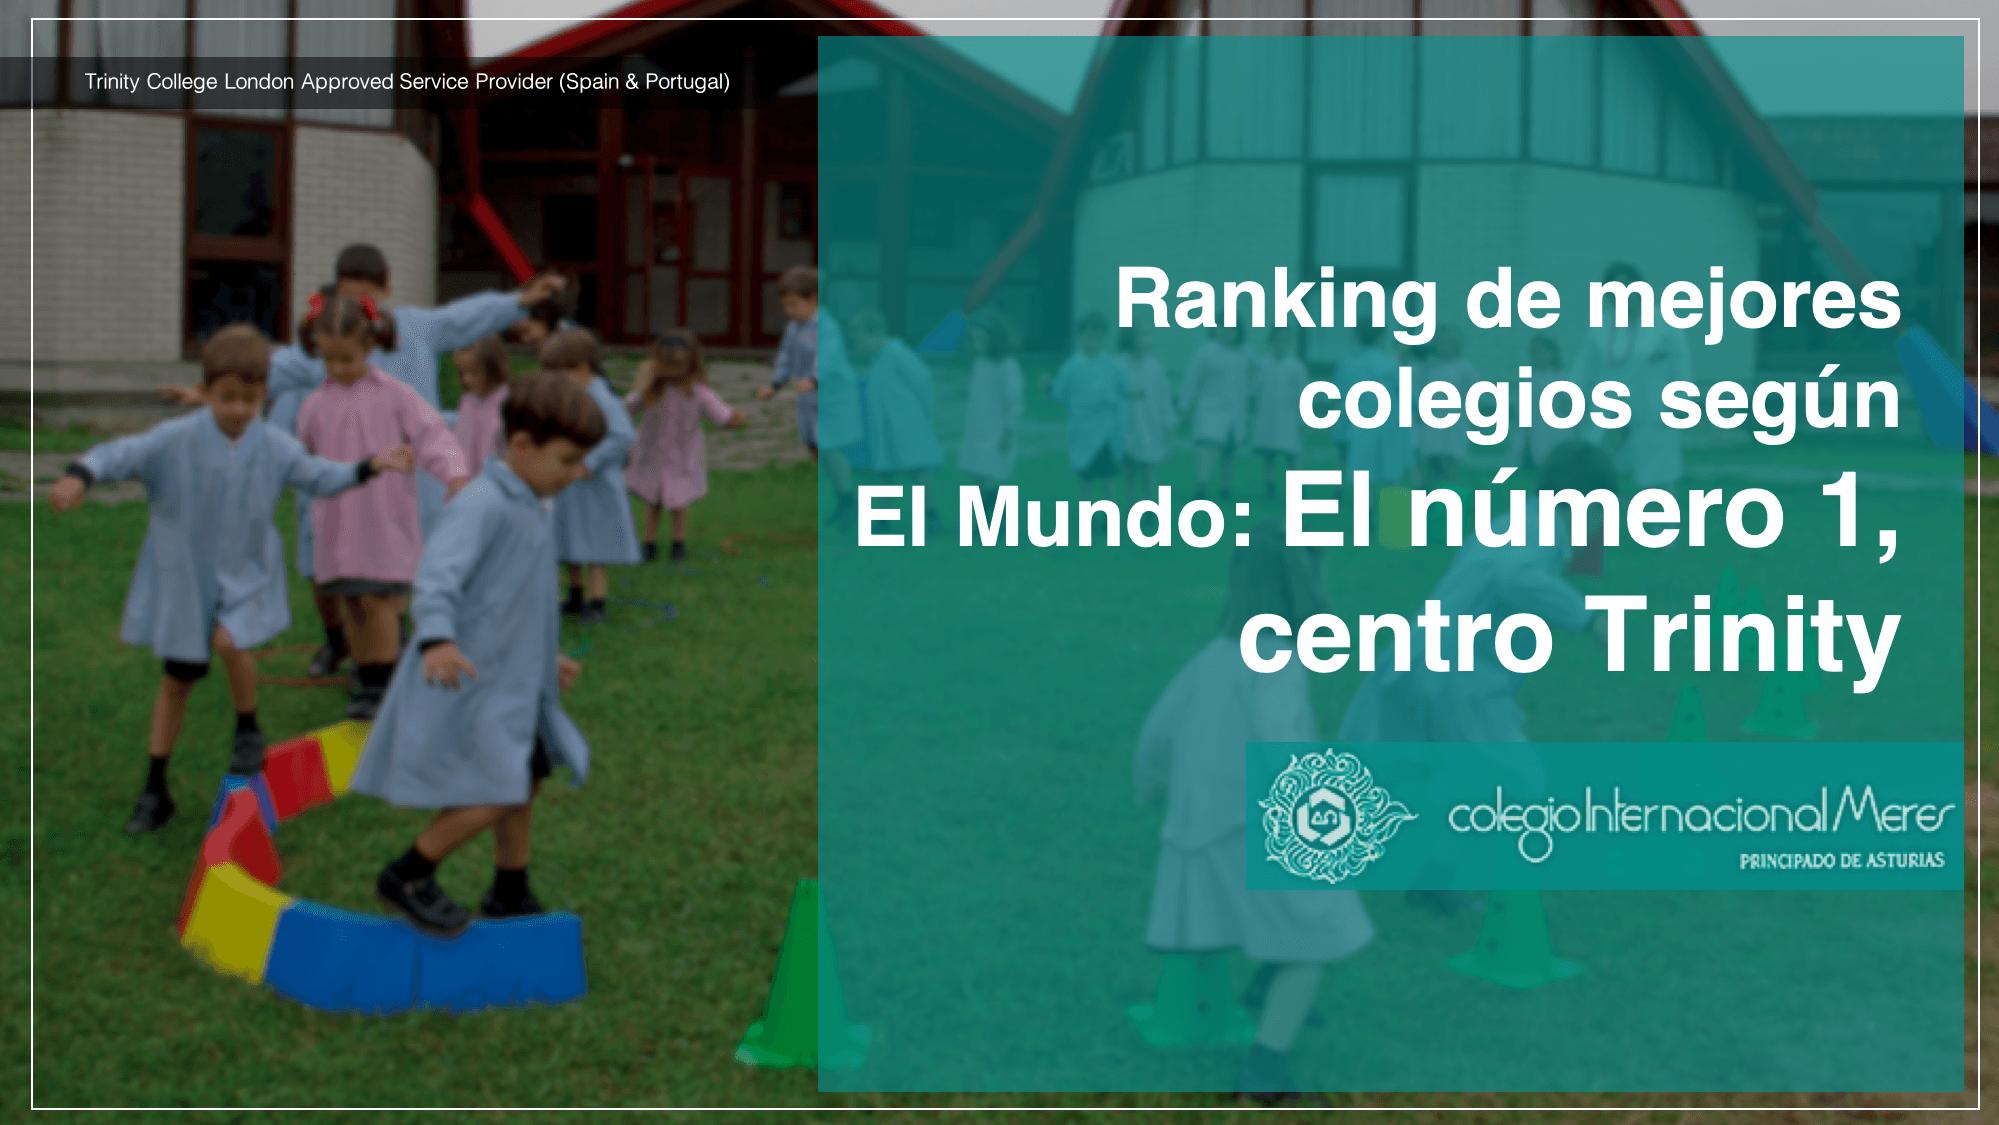 Ranking de mejores colegios según  El Mundo: El número 1, centro Trinity